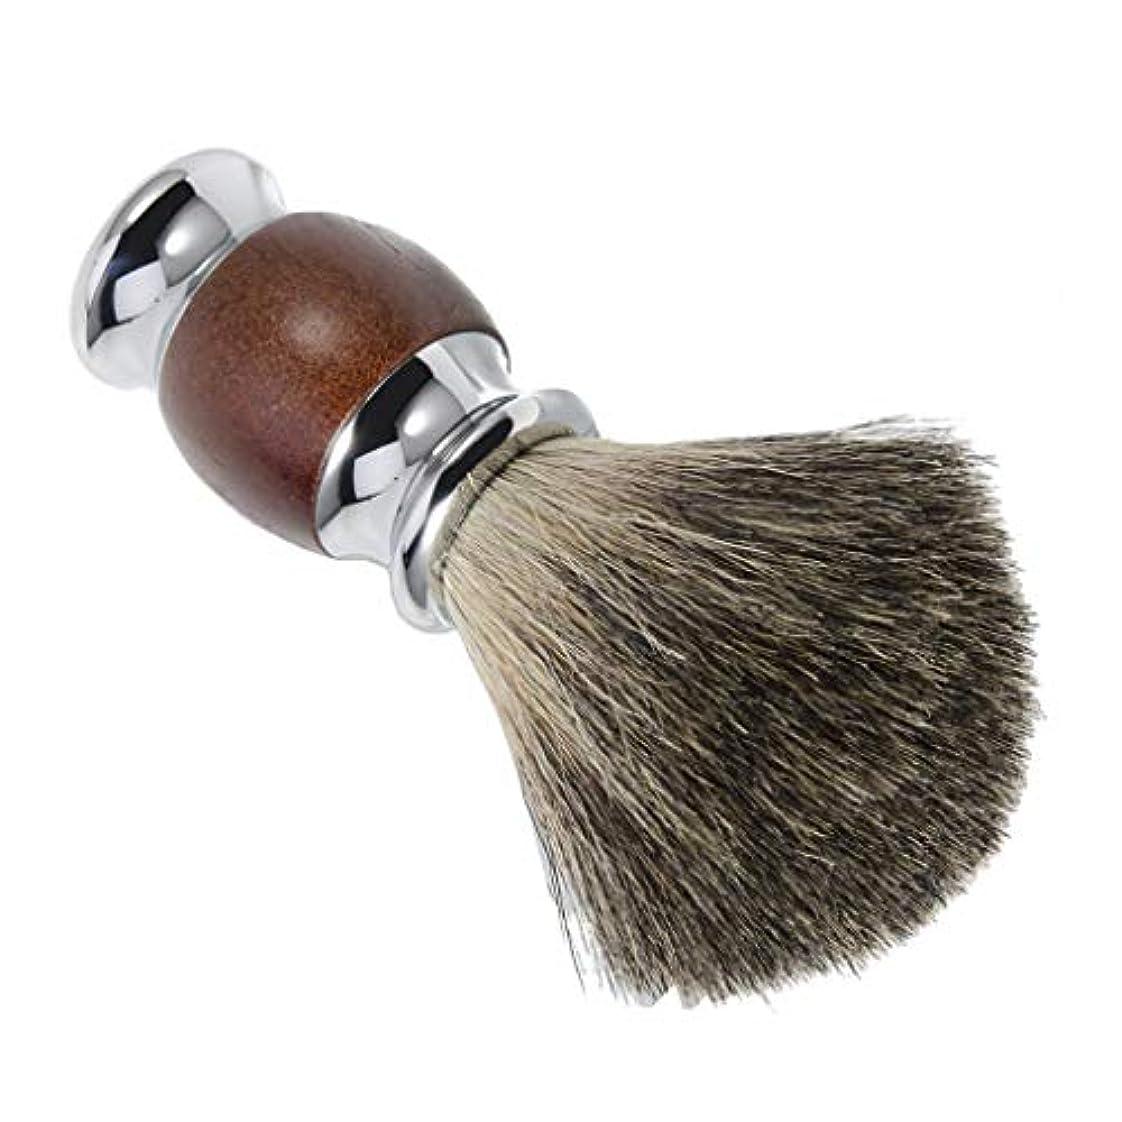 リンス施し最小シェービング用ブラシ 木製ハンドル メンズ 理容 洗顔 髭剃り 泡立ち 贈り物